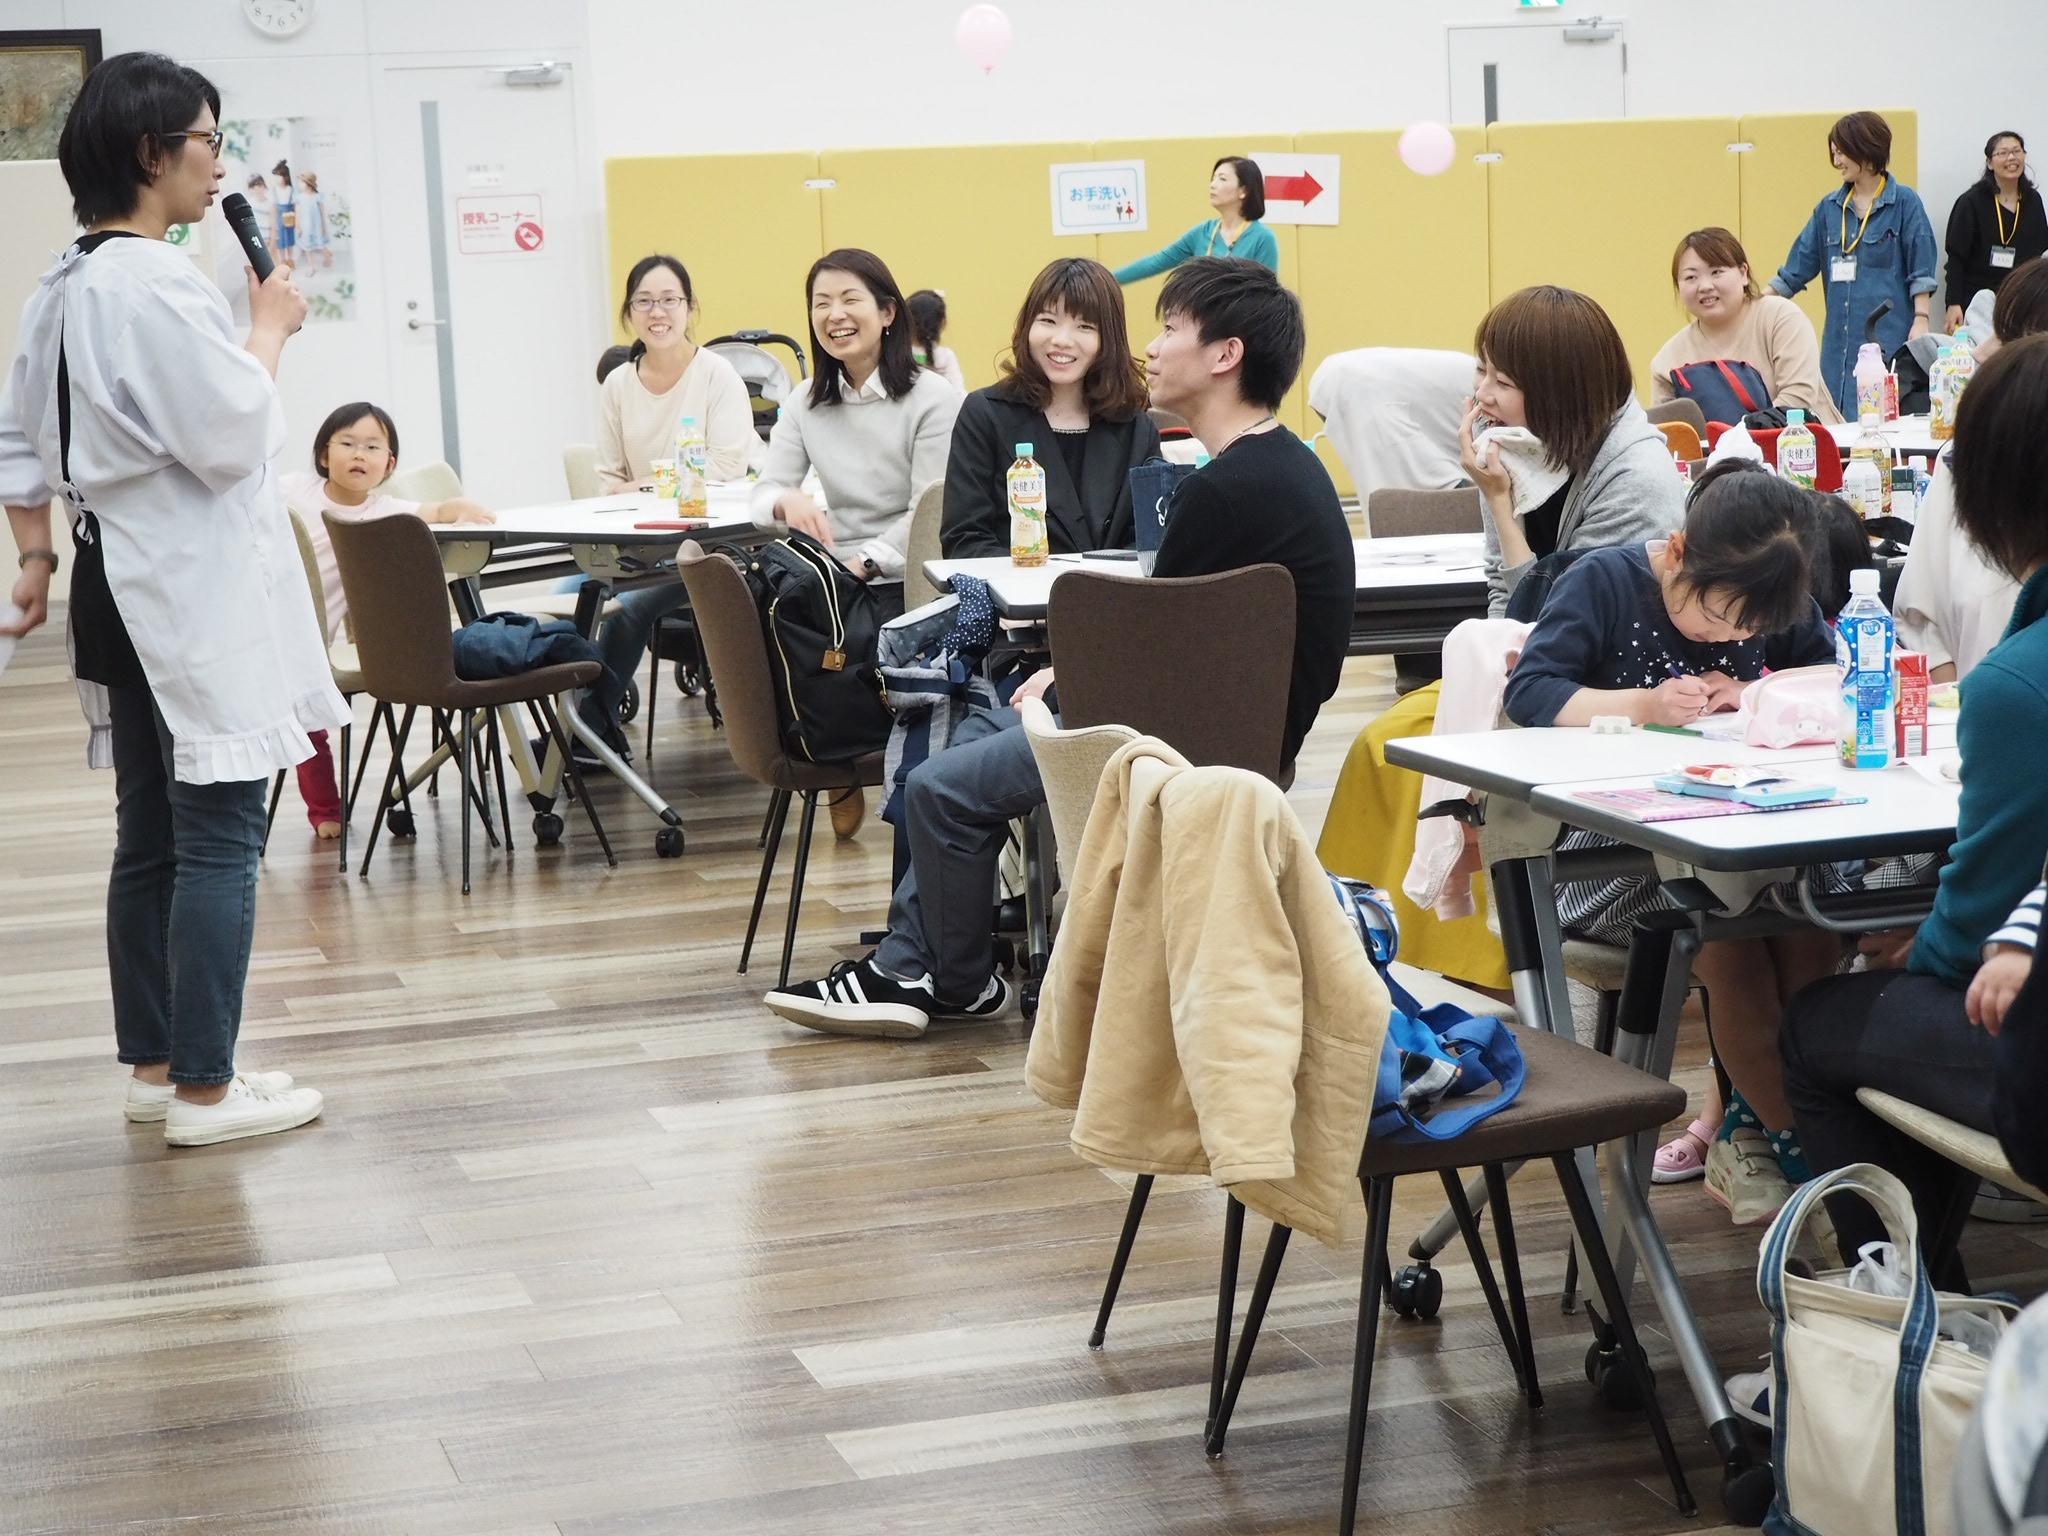 【開催レポ】4/28(日)くわばたりえさんの「出張!メガネのママ友会in神戸」終了しました!【関西2DAYS公演・2日目】